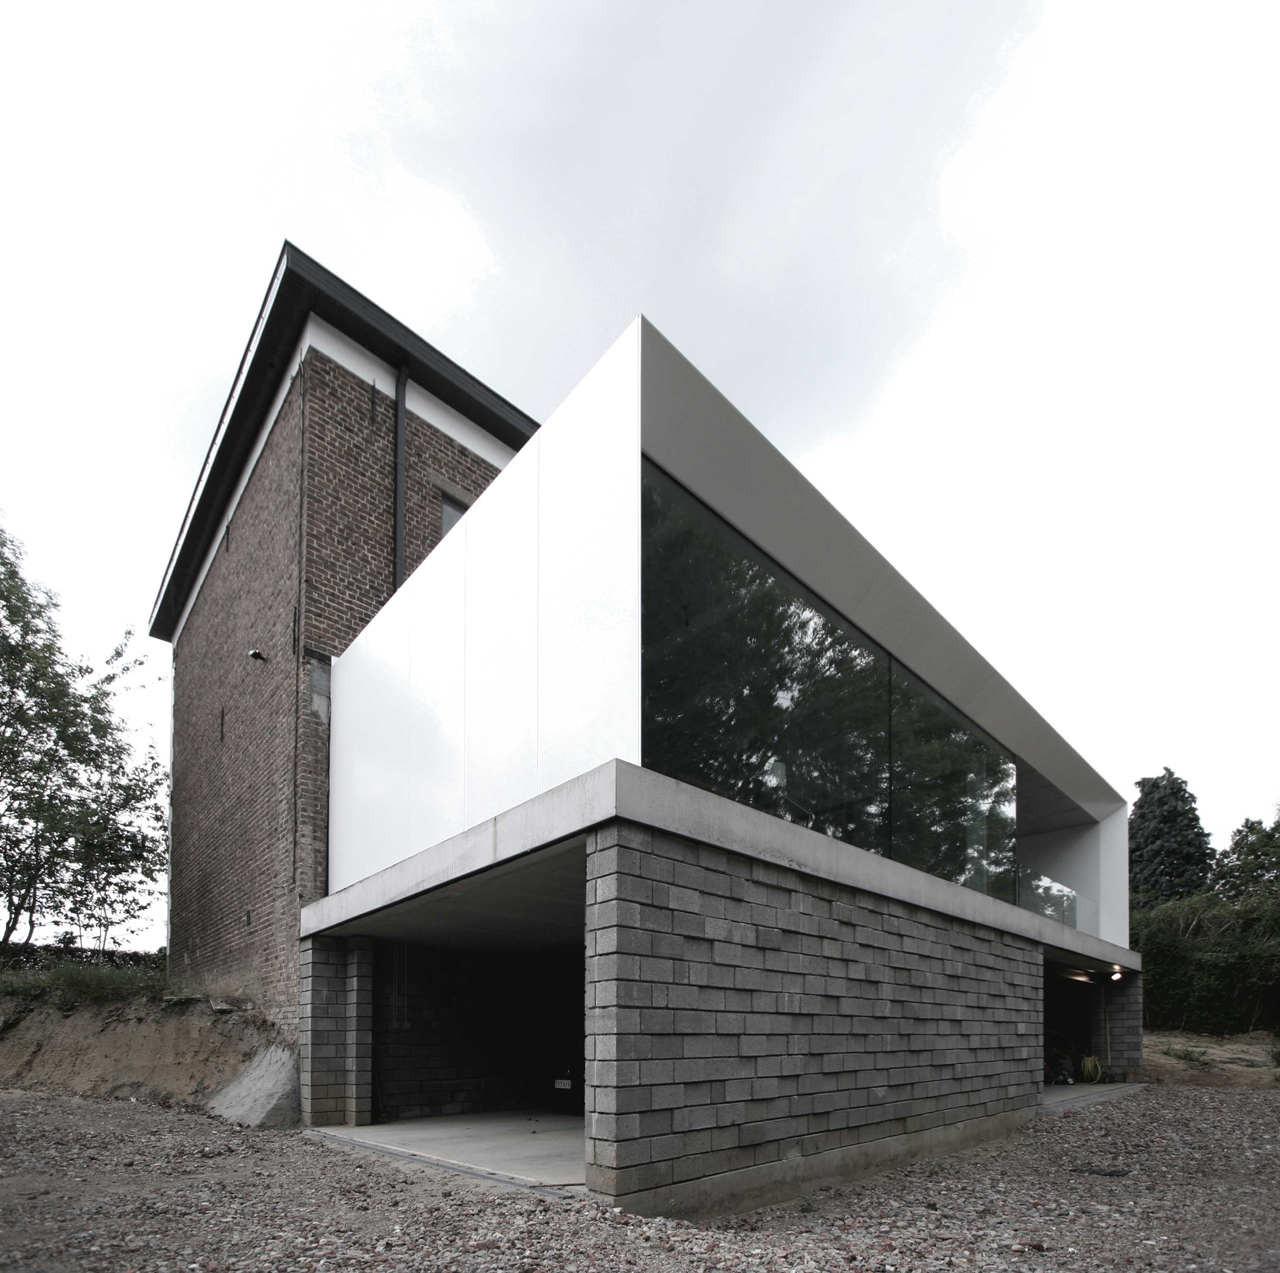 House V-C / GRAUX & BAEYENS architecten, © Philippe Brysse